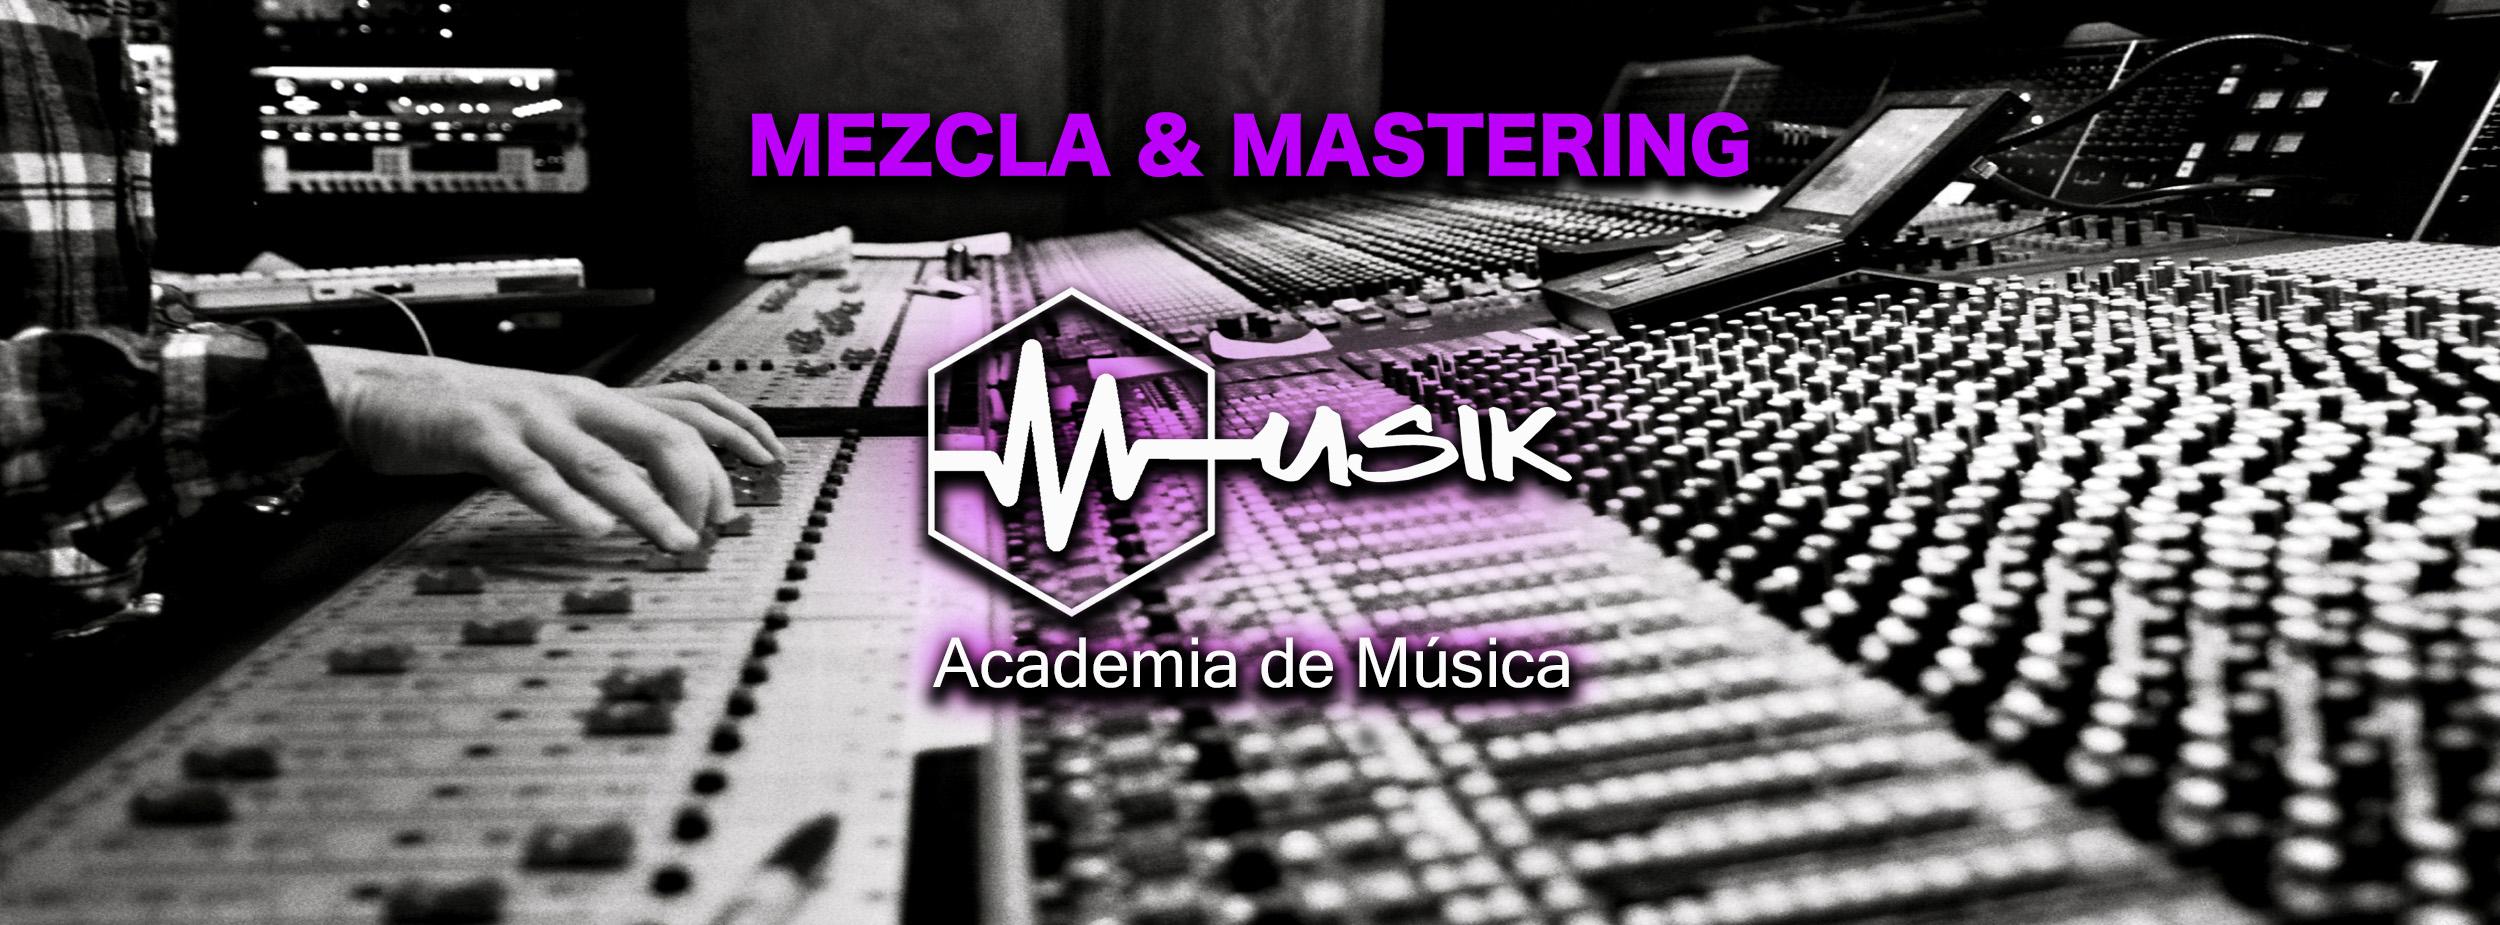 Musik 011 - Mezcla y Mastering